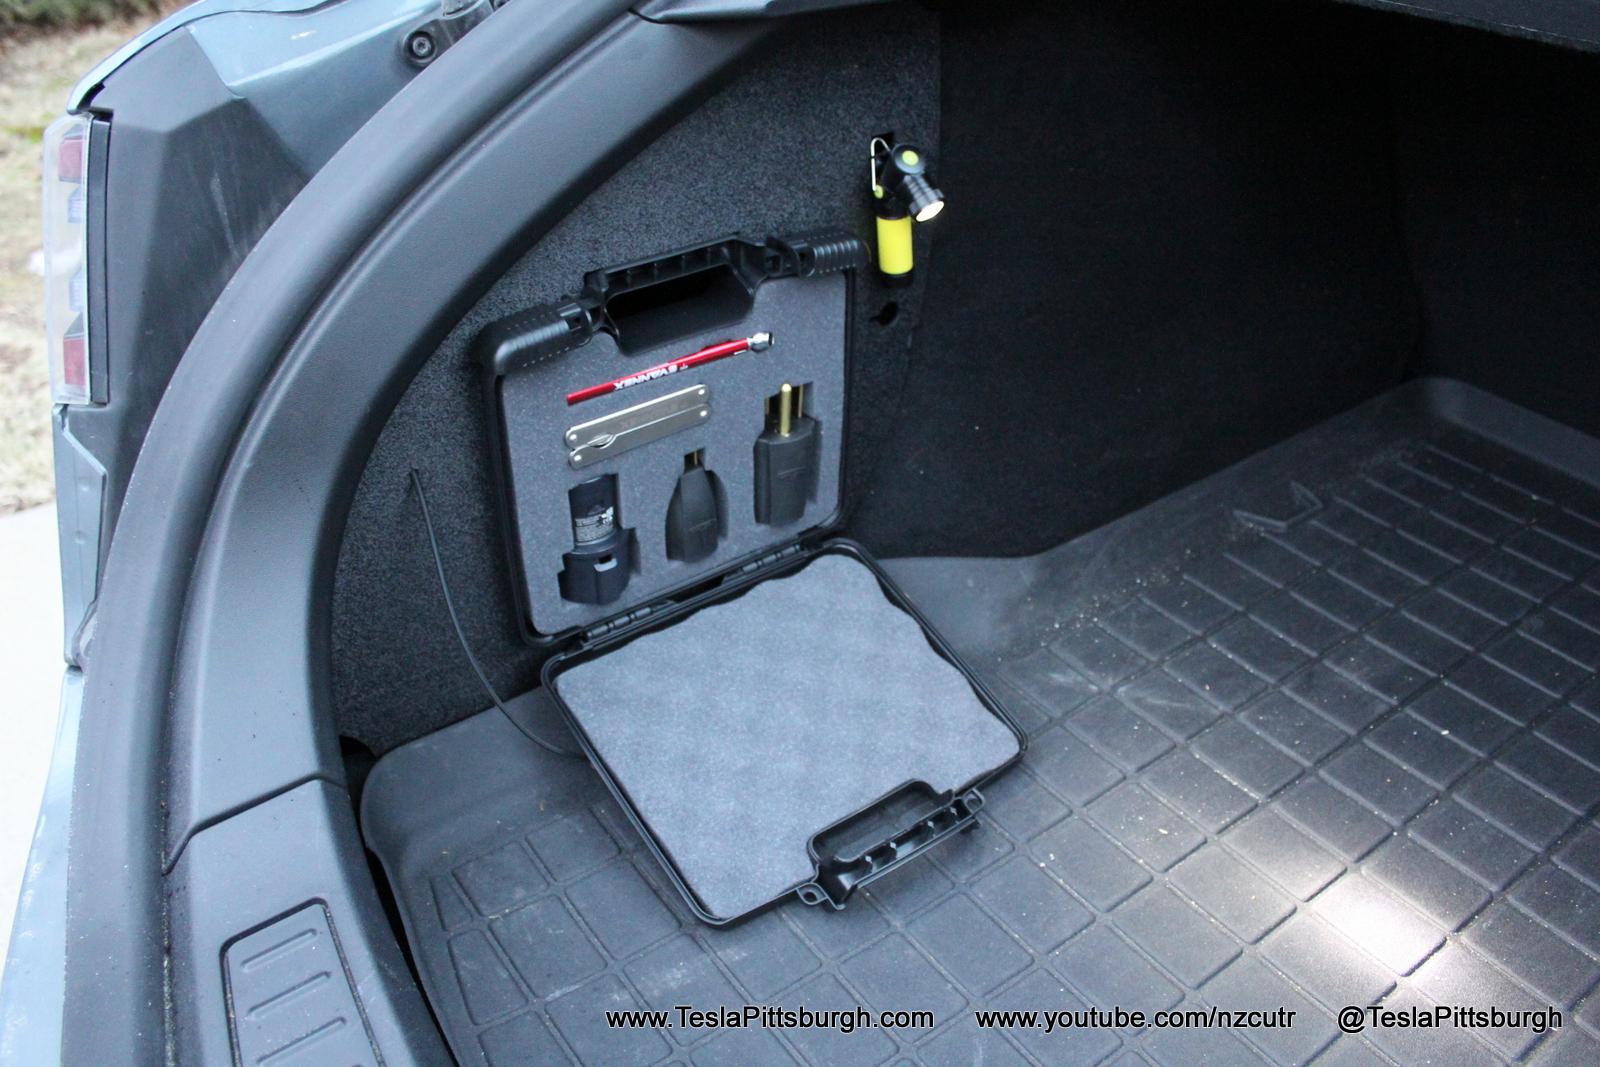 Tesla charging accessories